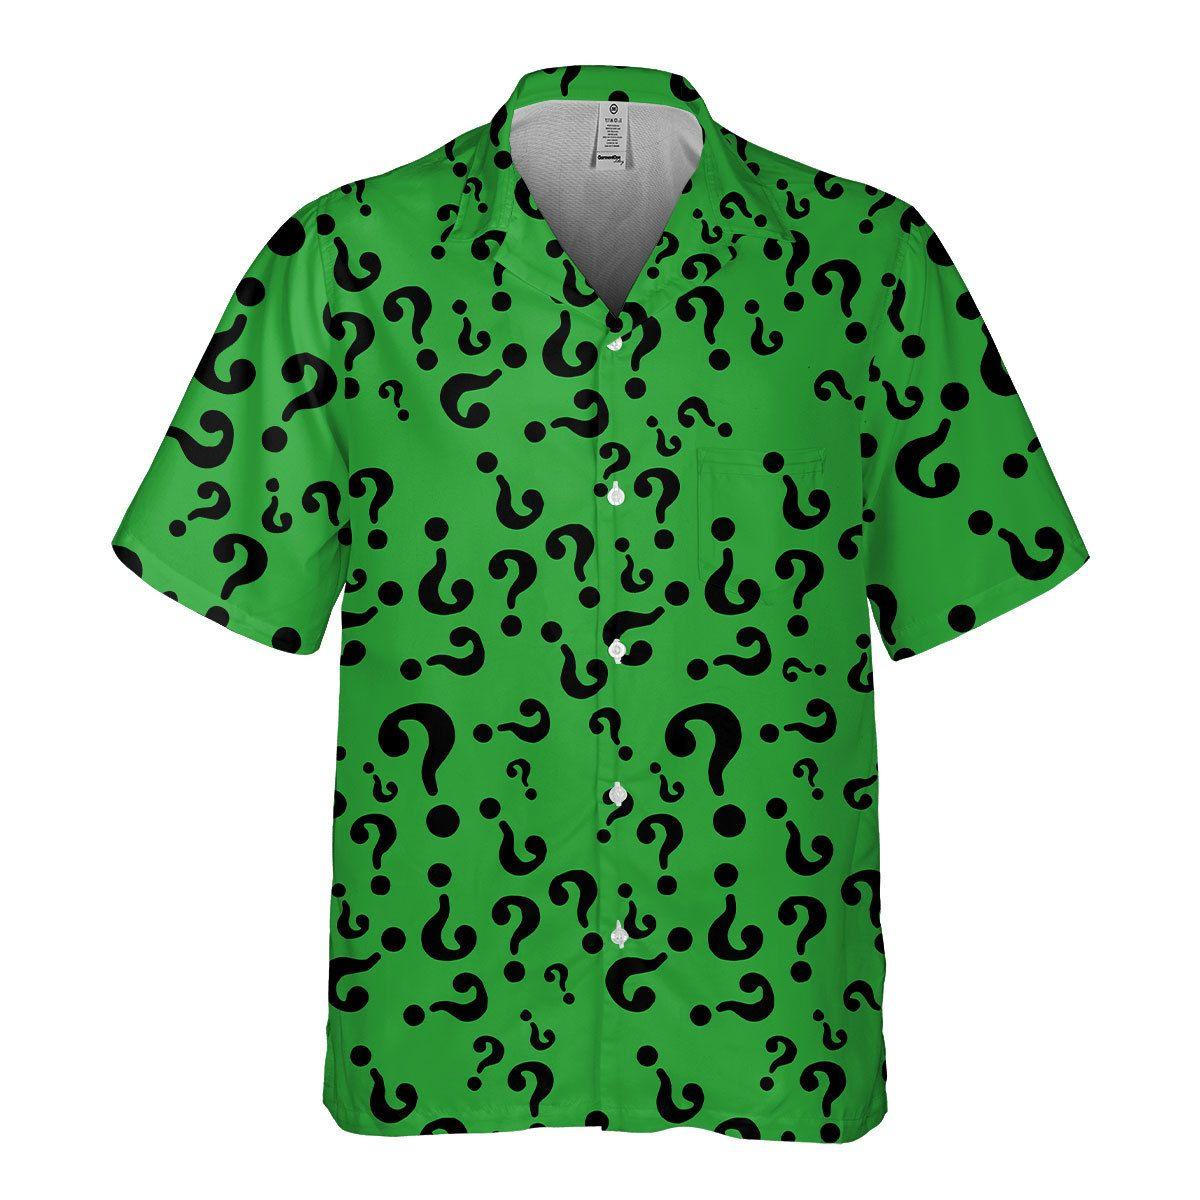 Riddler Supervillain Green Hawaiian Shirt